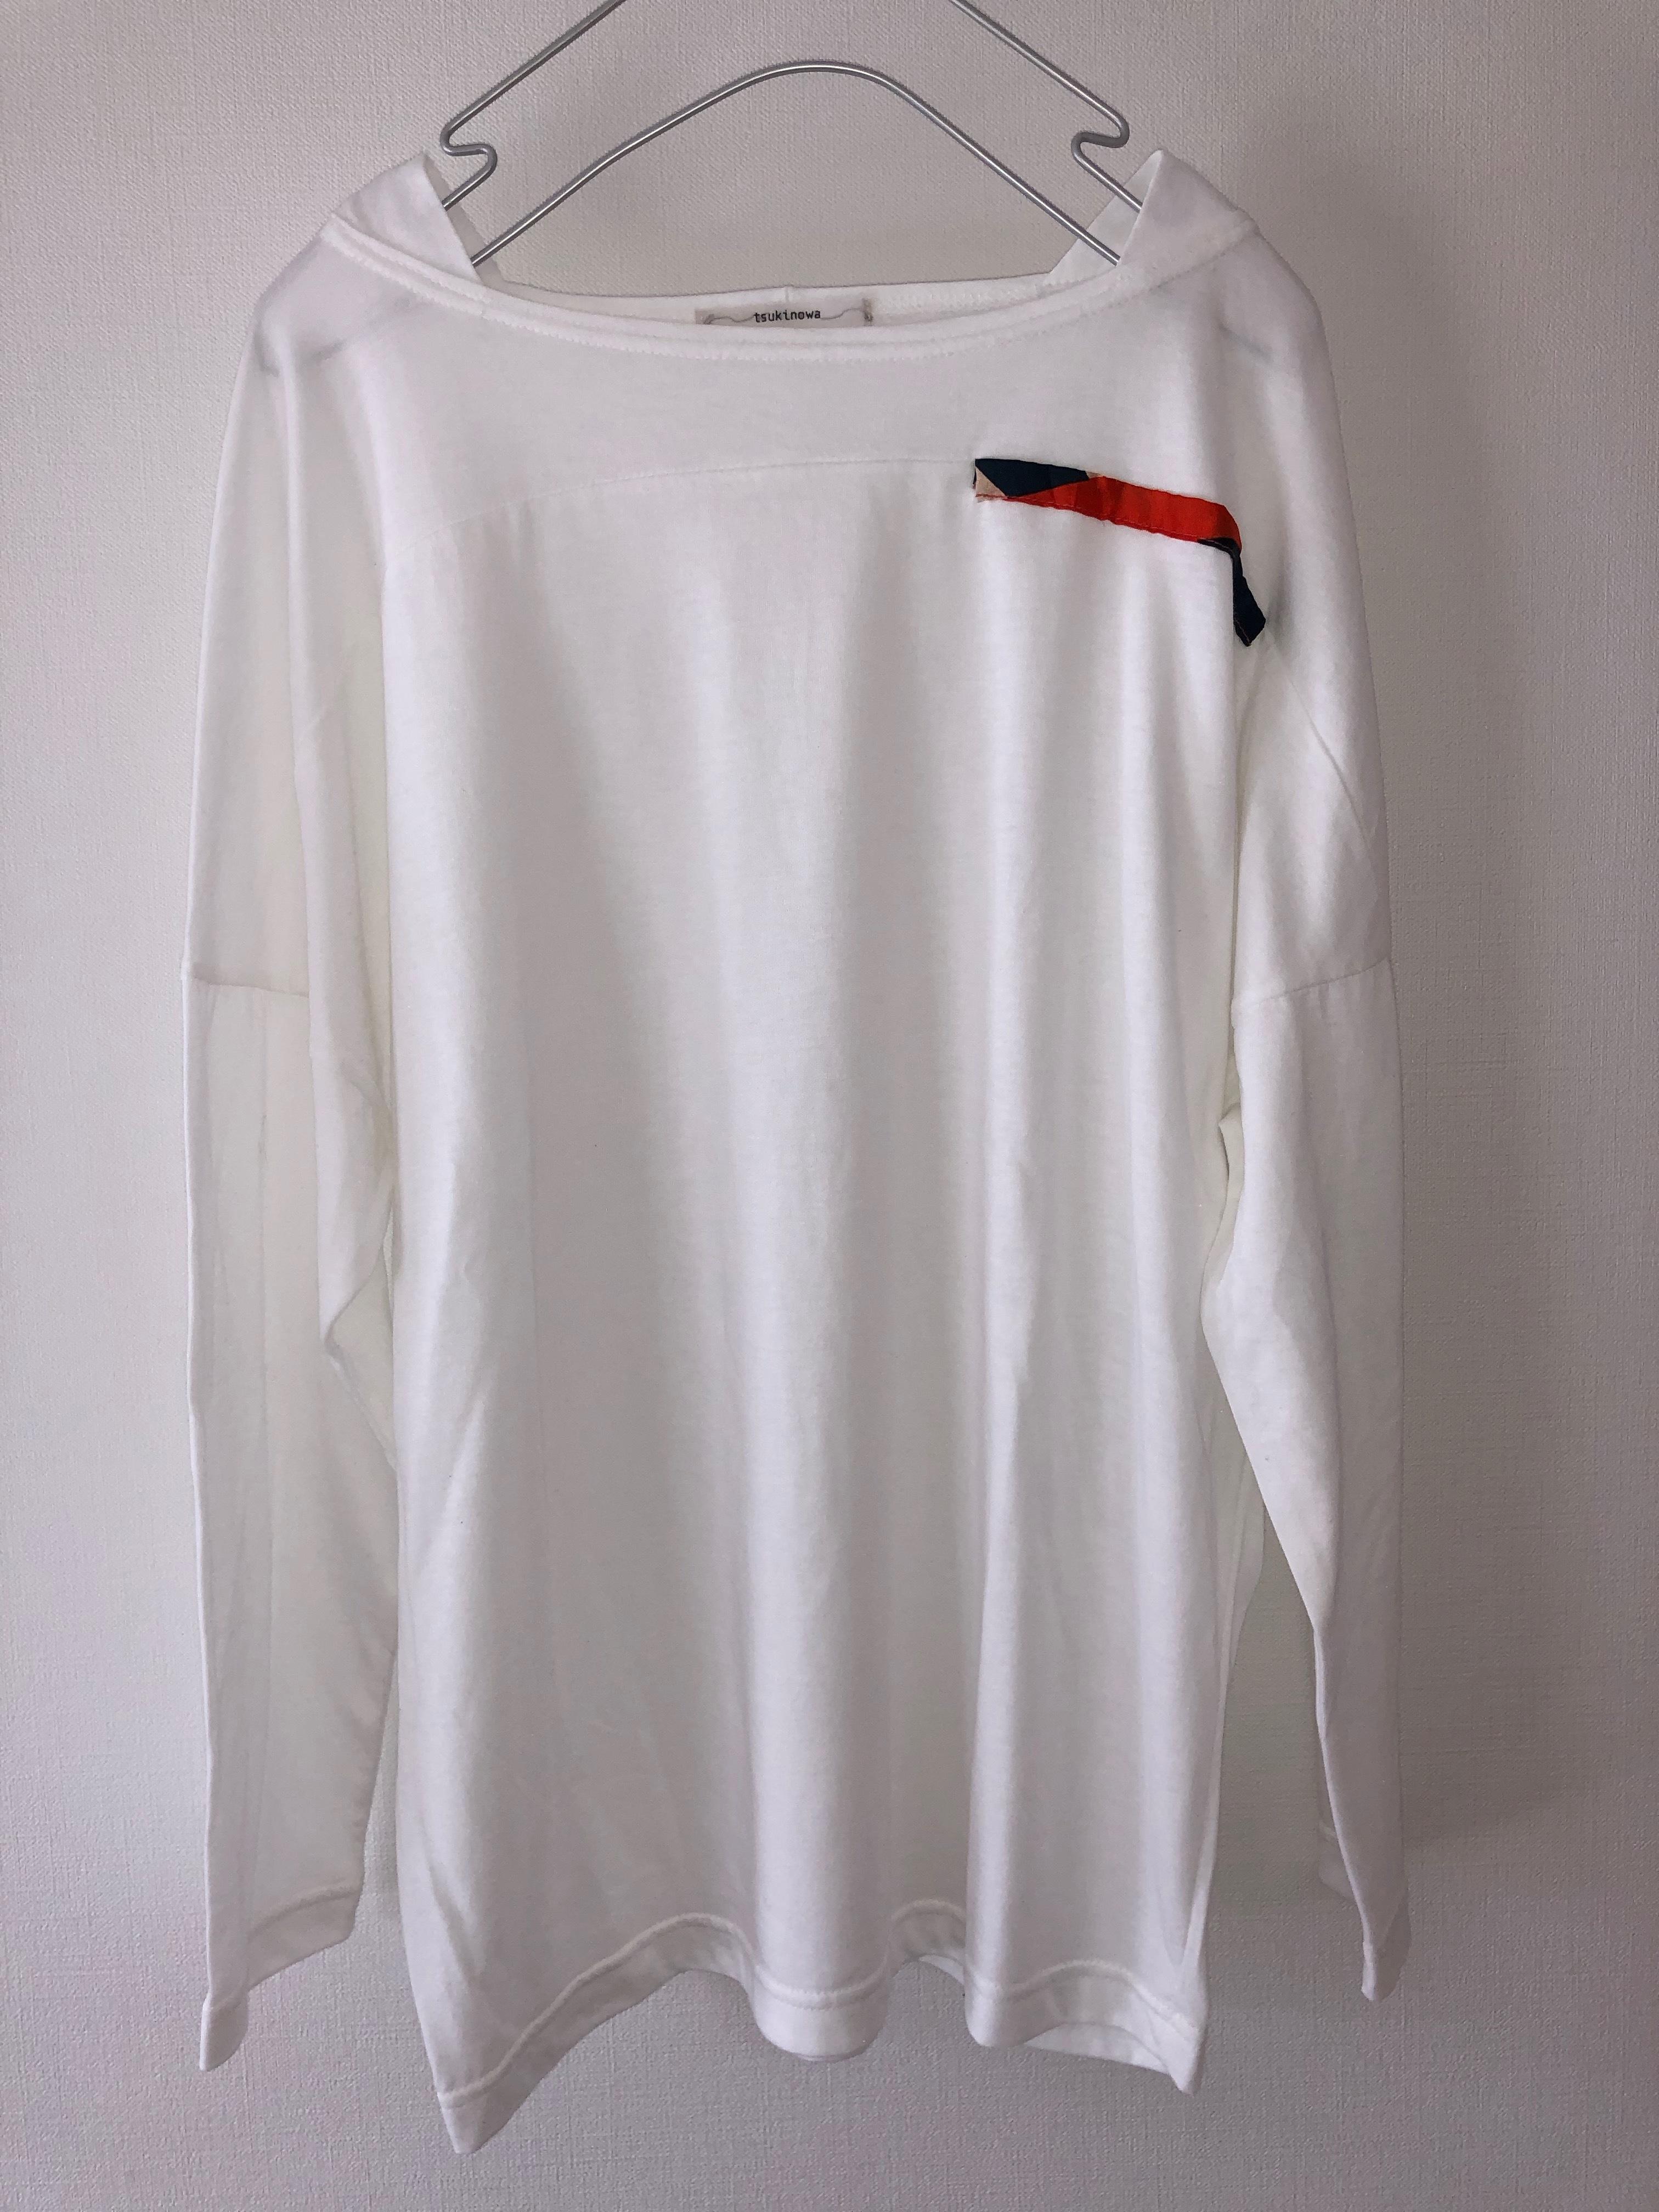 TT-009-2 (white)